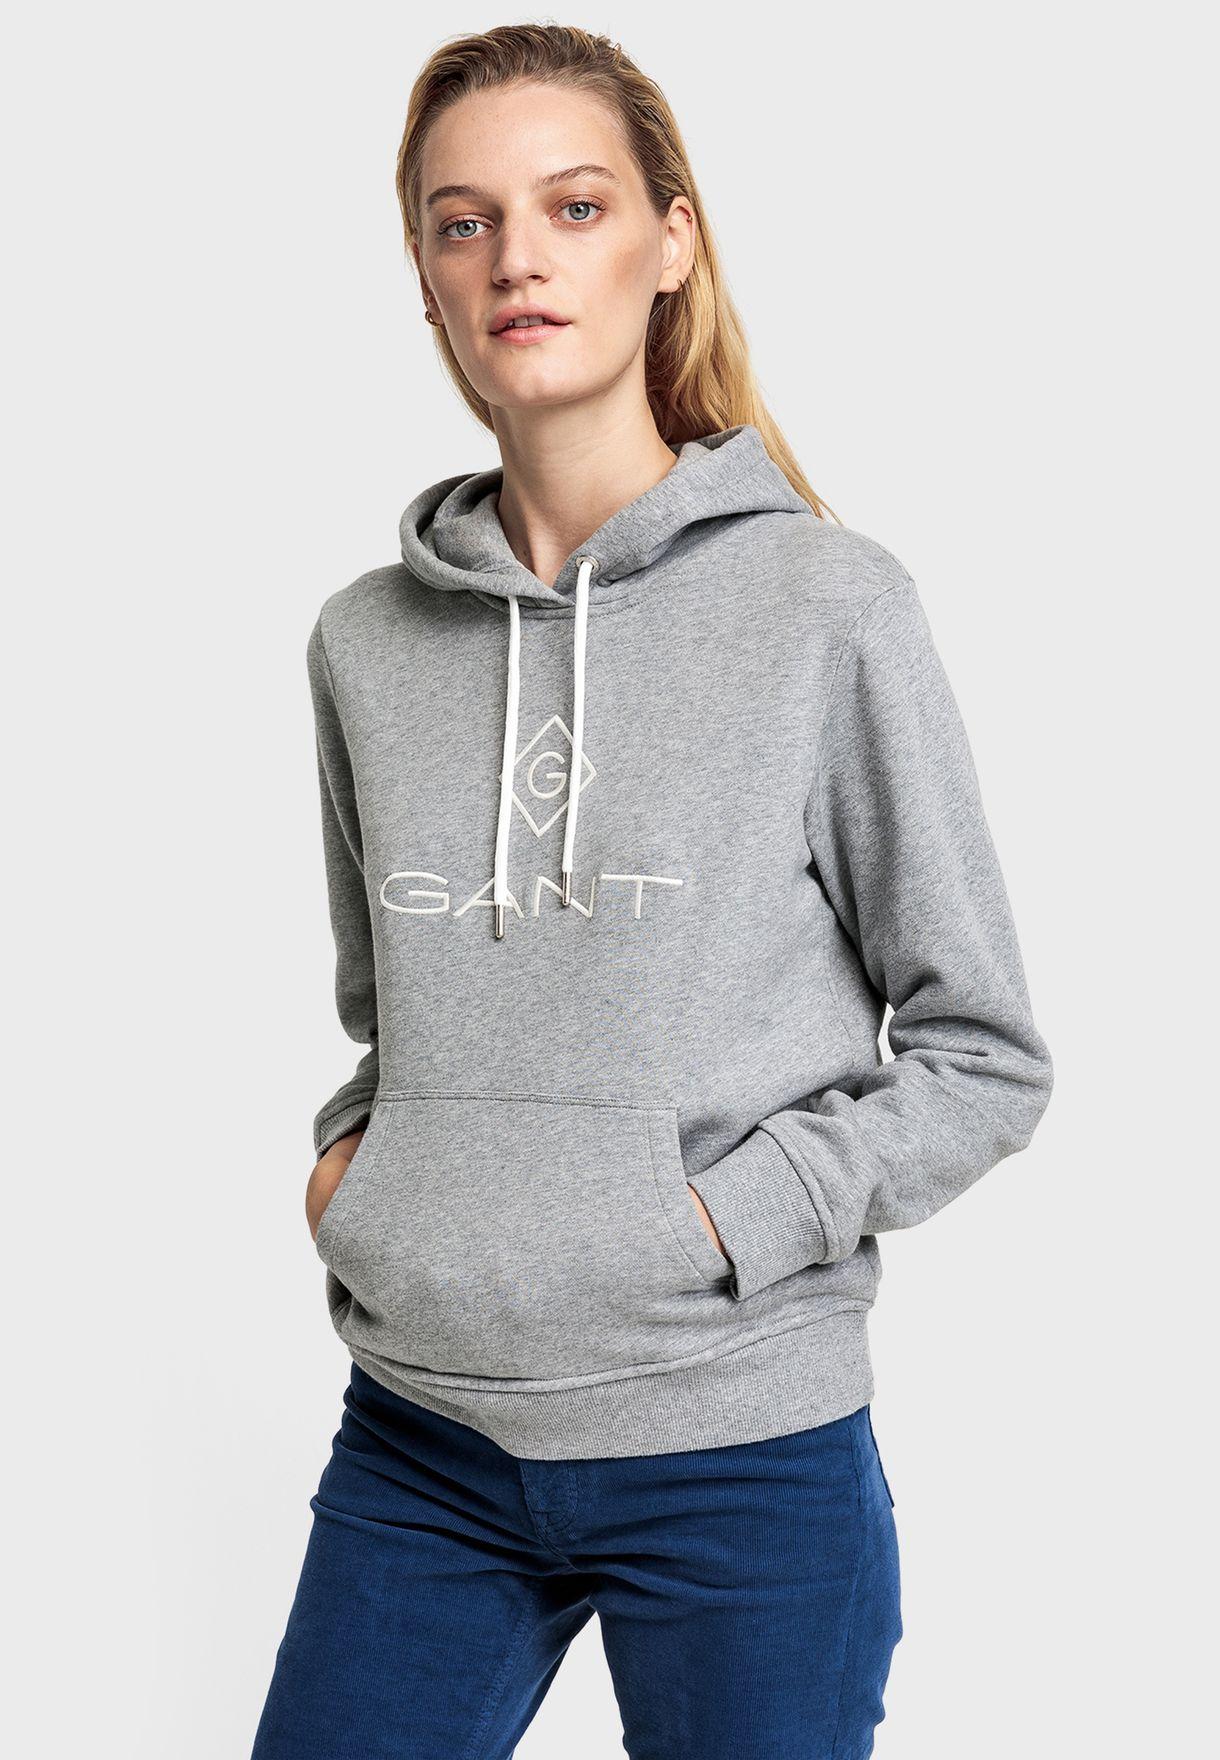 Buy Gant Grey Logo Hoodie For Women, Uae 29840at68eqp